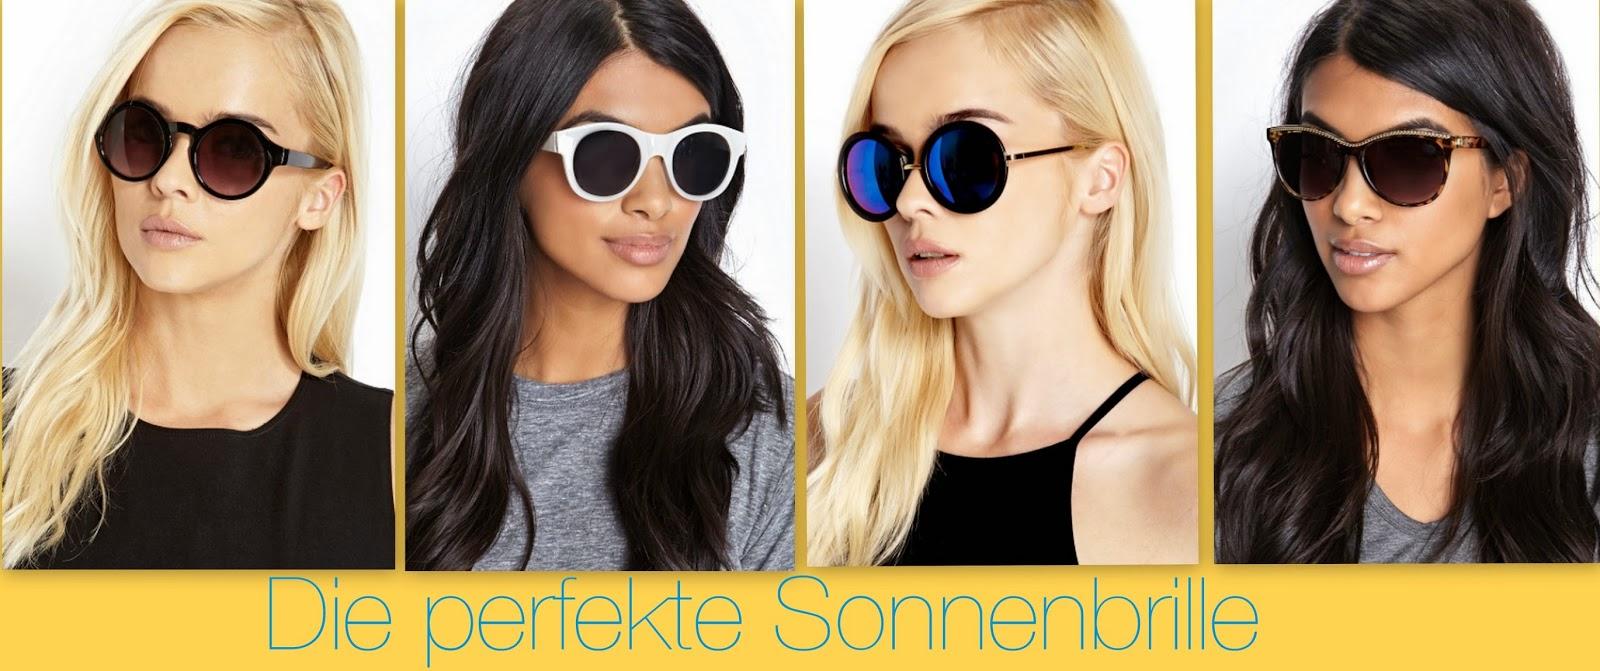 Die perfekte Sonnenbrille: Was sollten wir bei einem Kauf beachten?